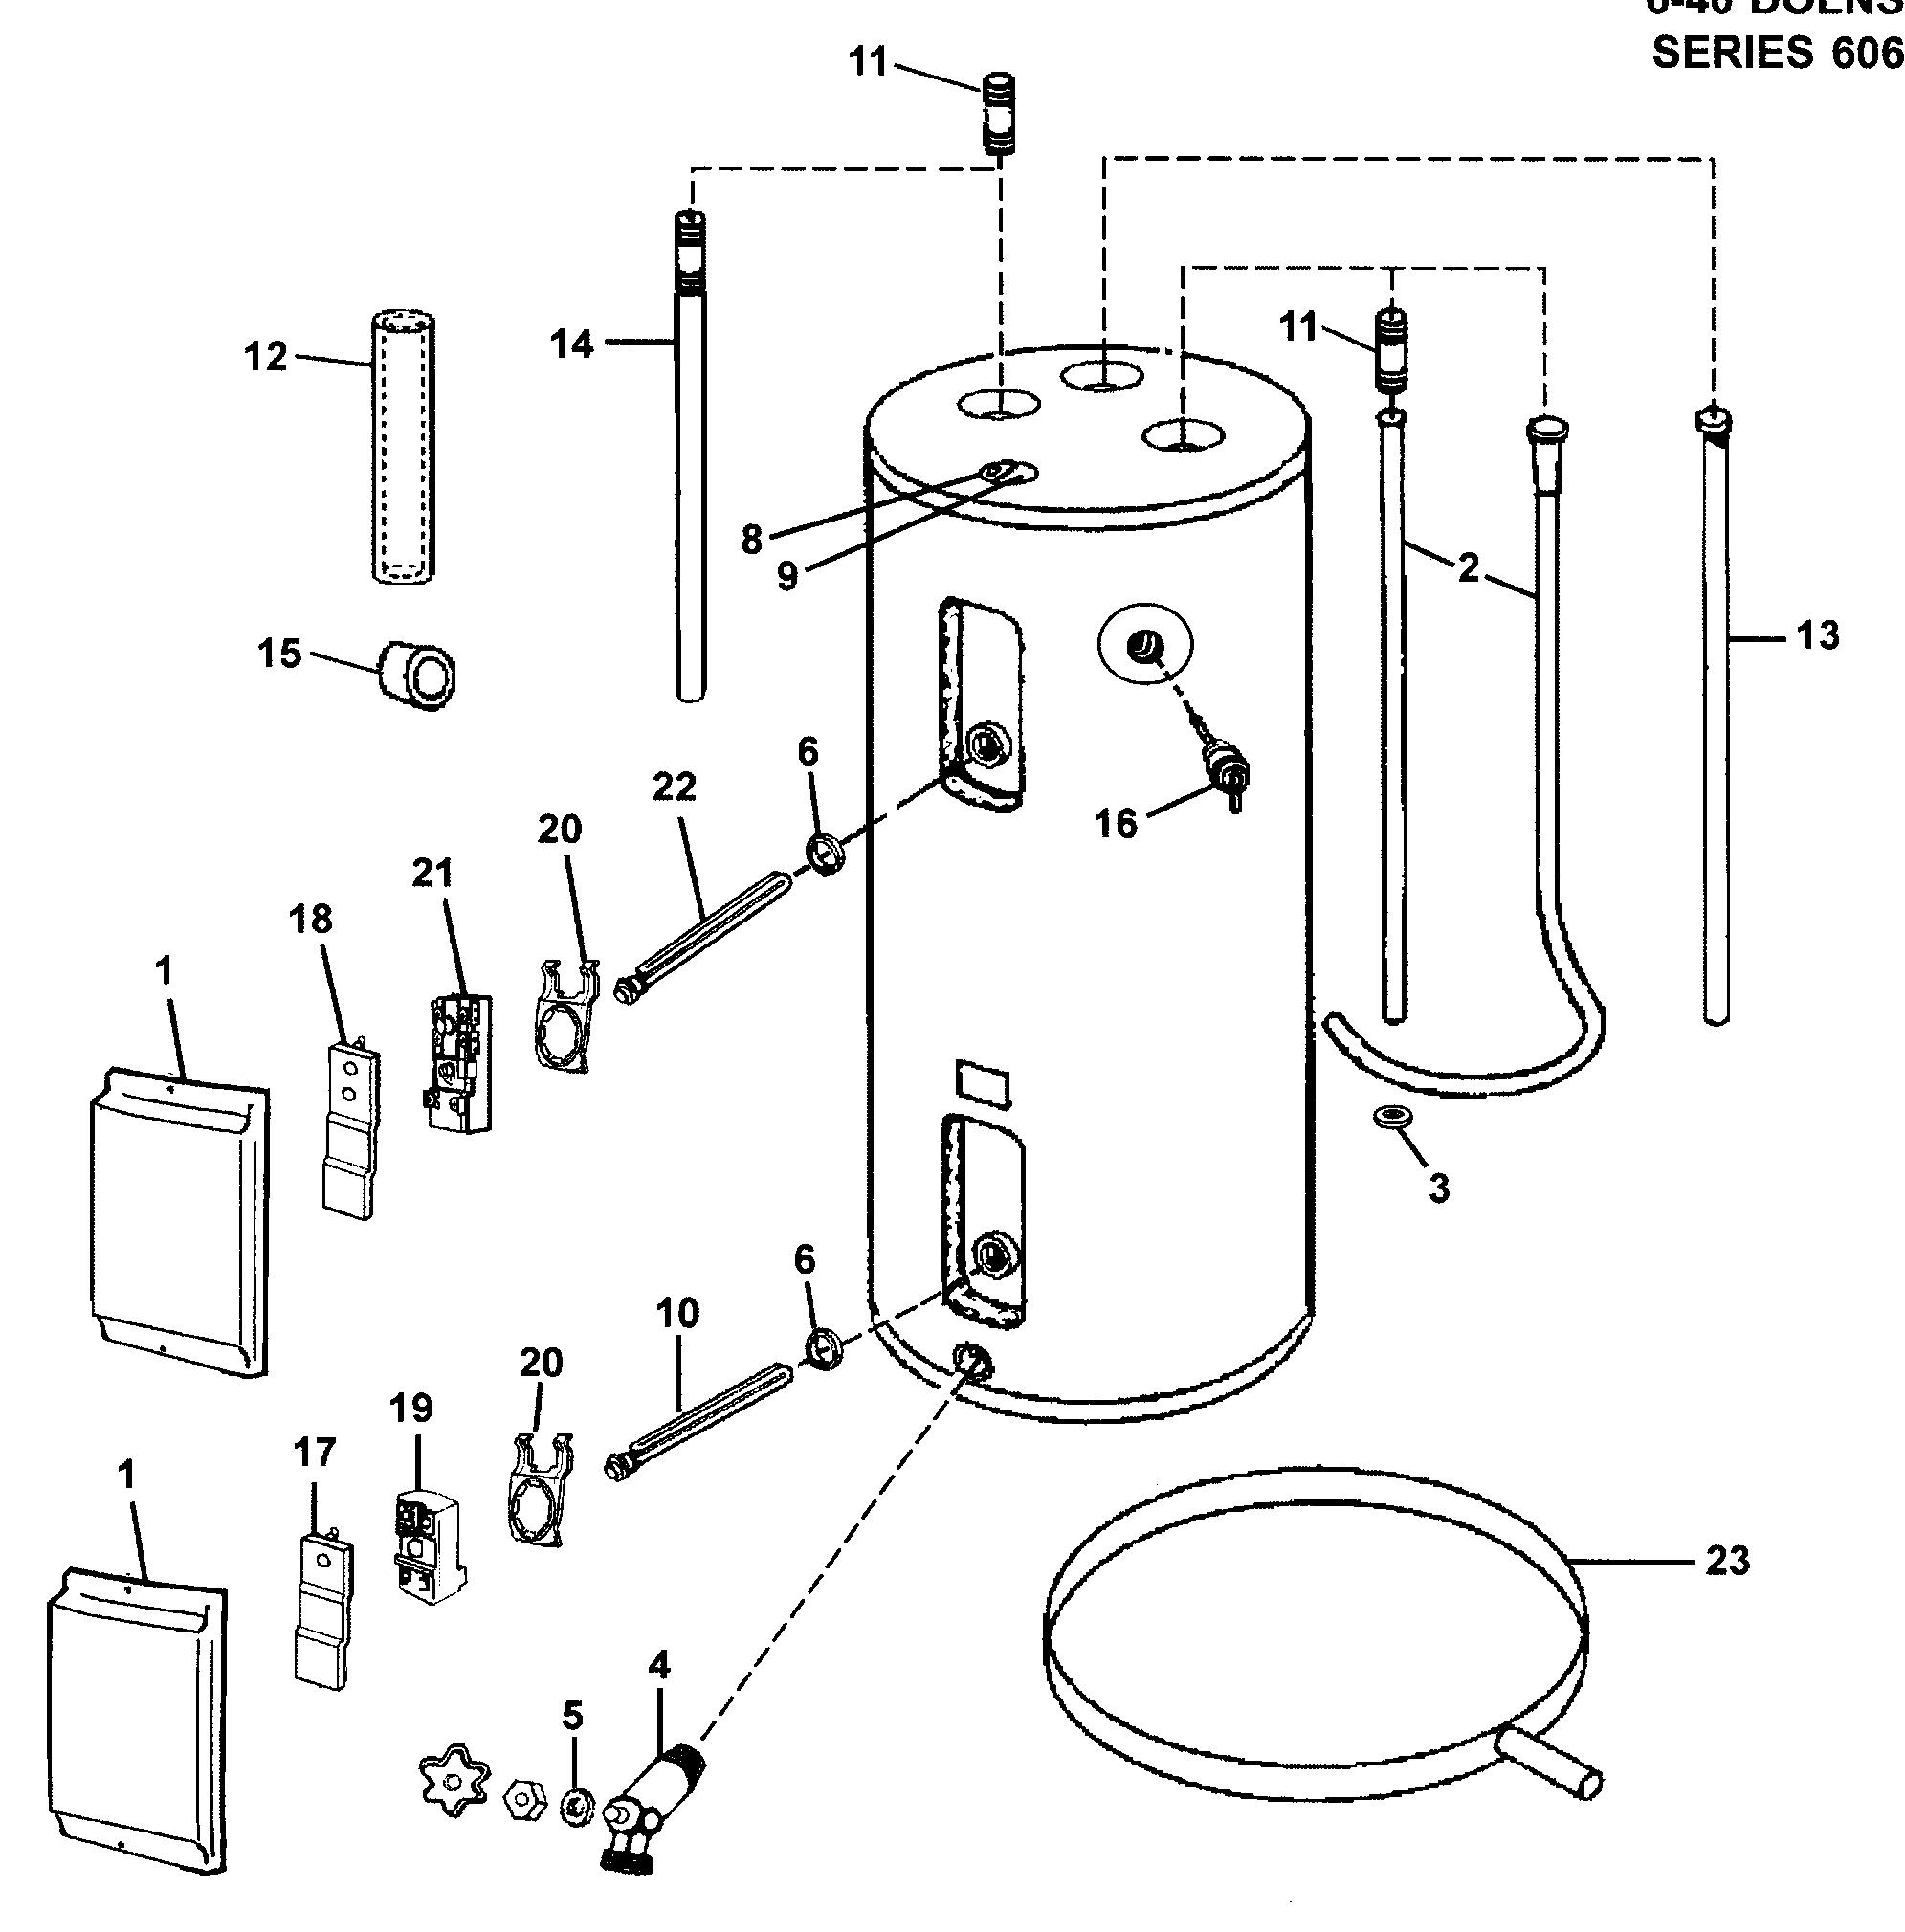 medium resolution of rheem heat wiring diagram free picture schematic